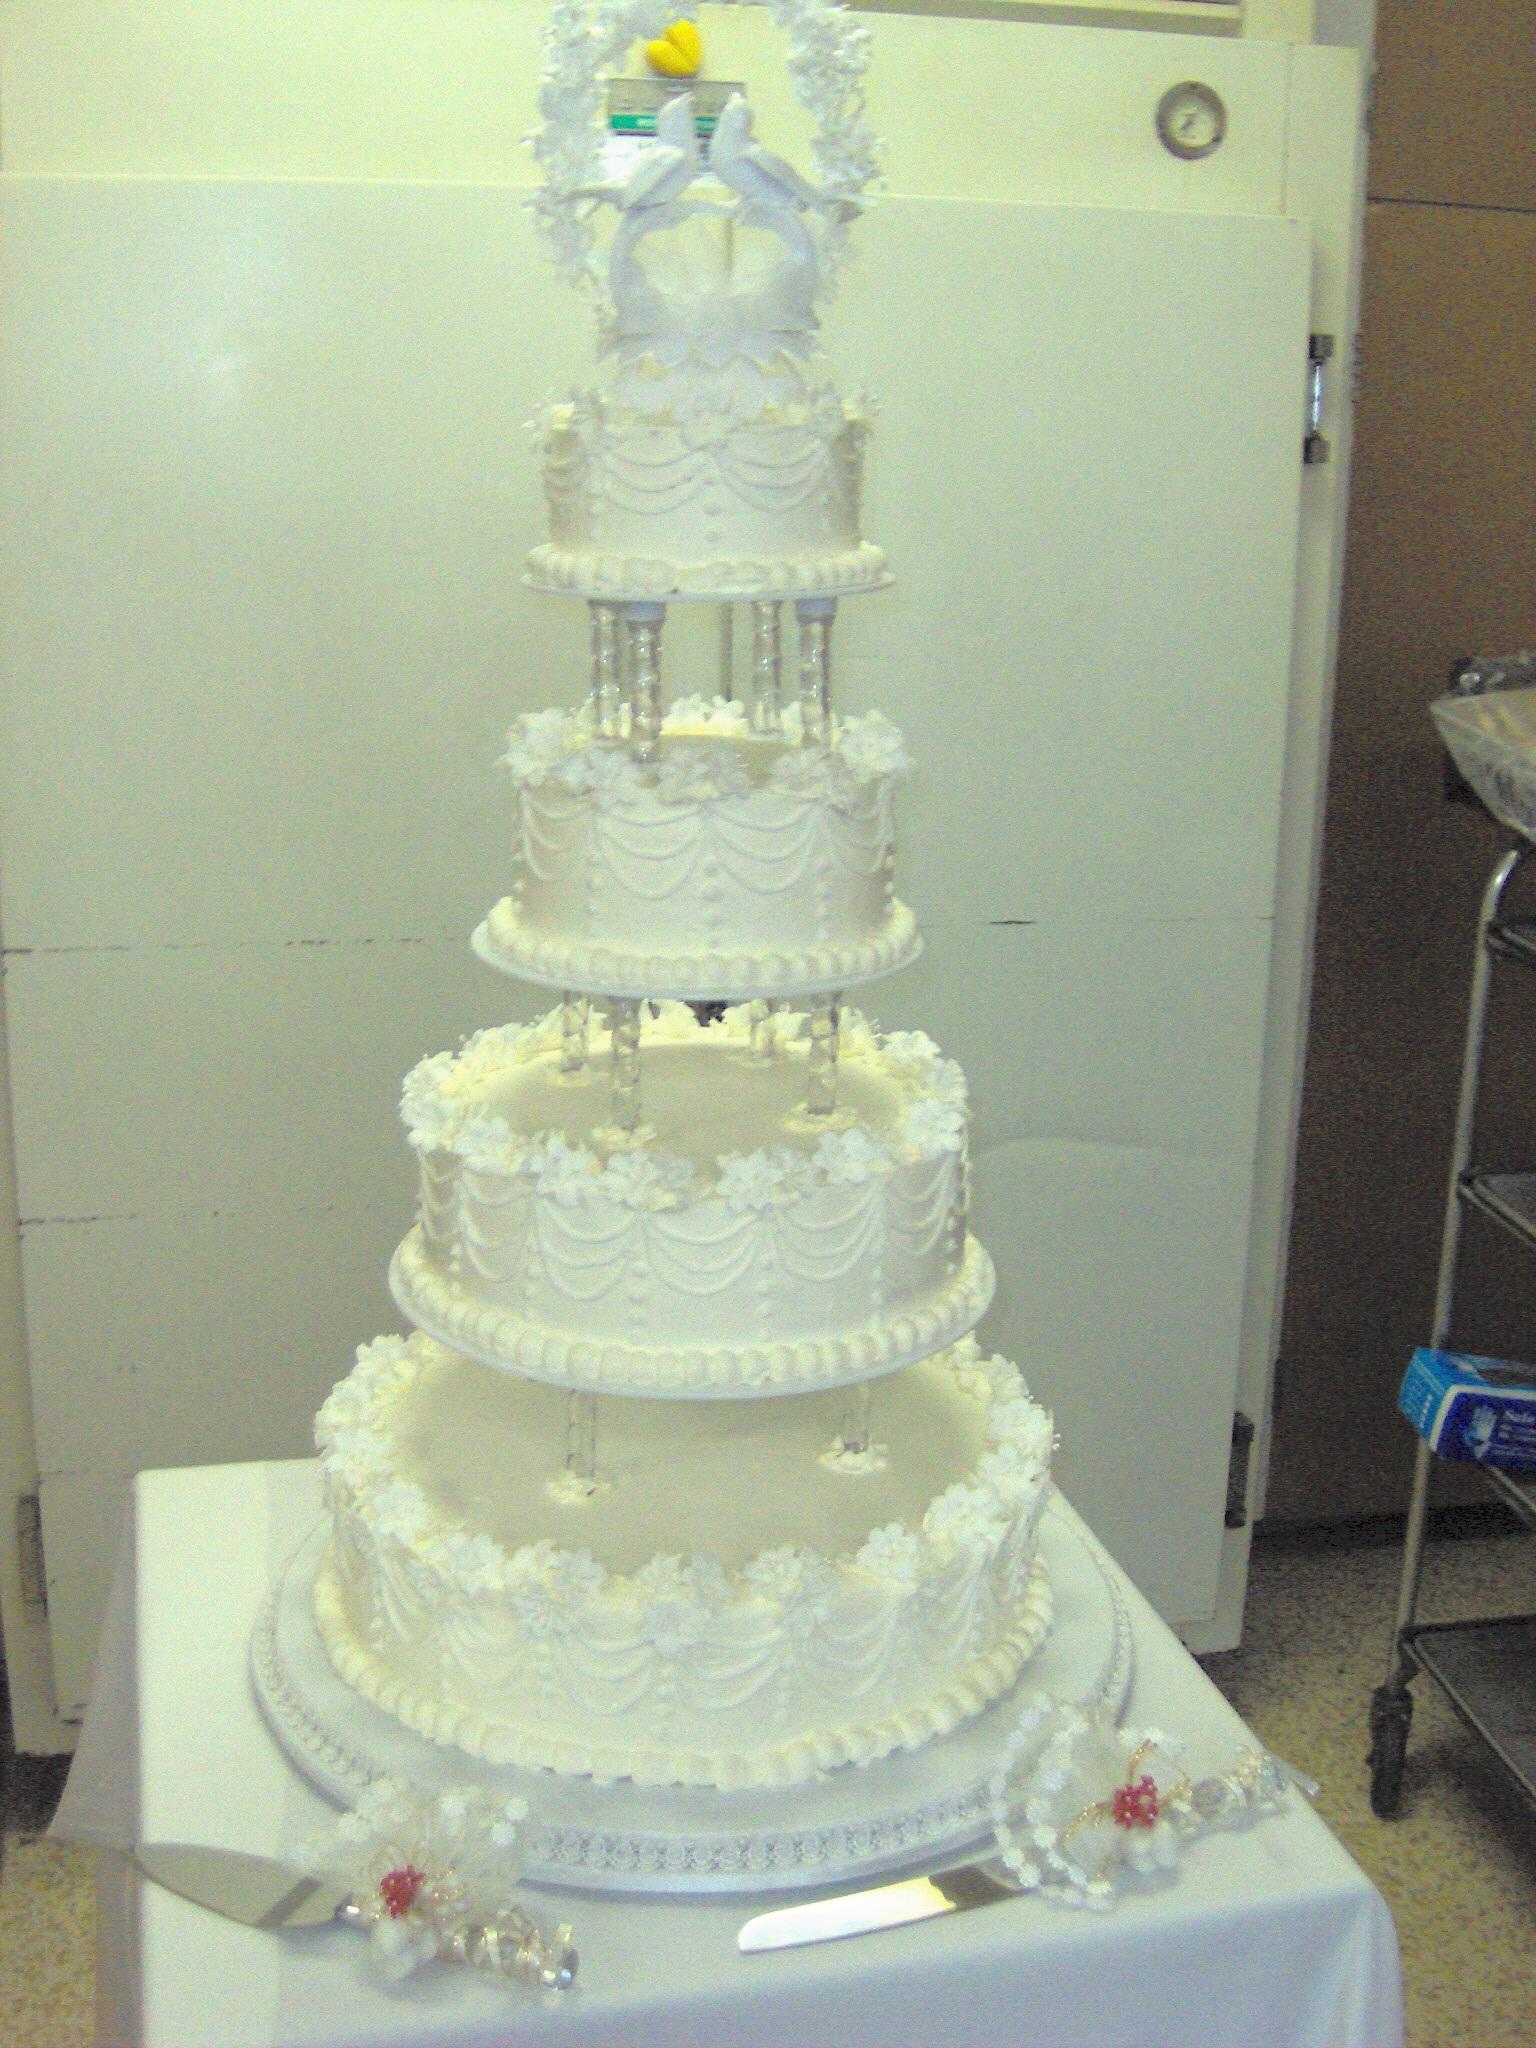 gâteau de mariage pièce montée photos libres de droits et gratuites